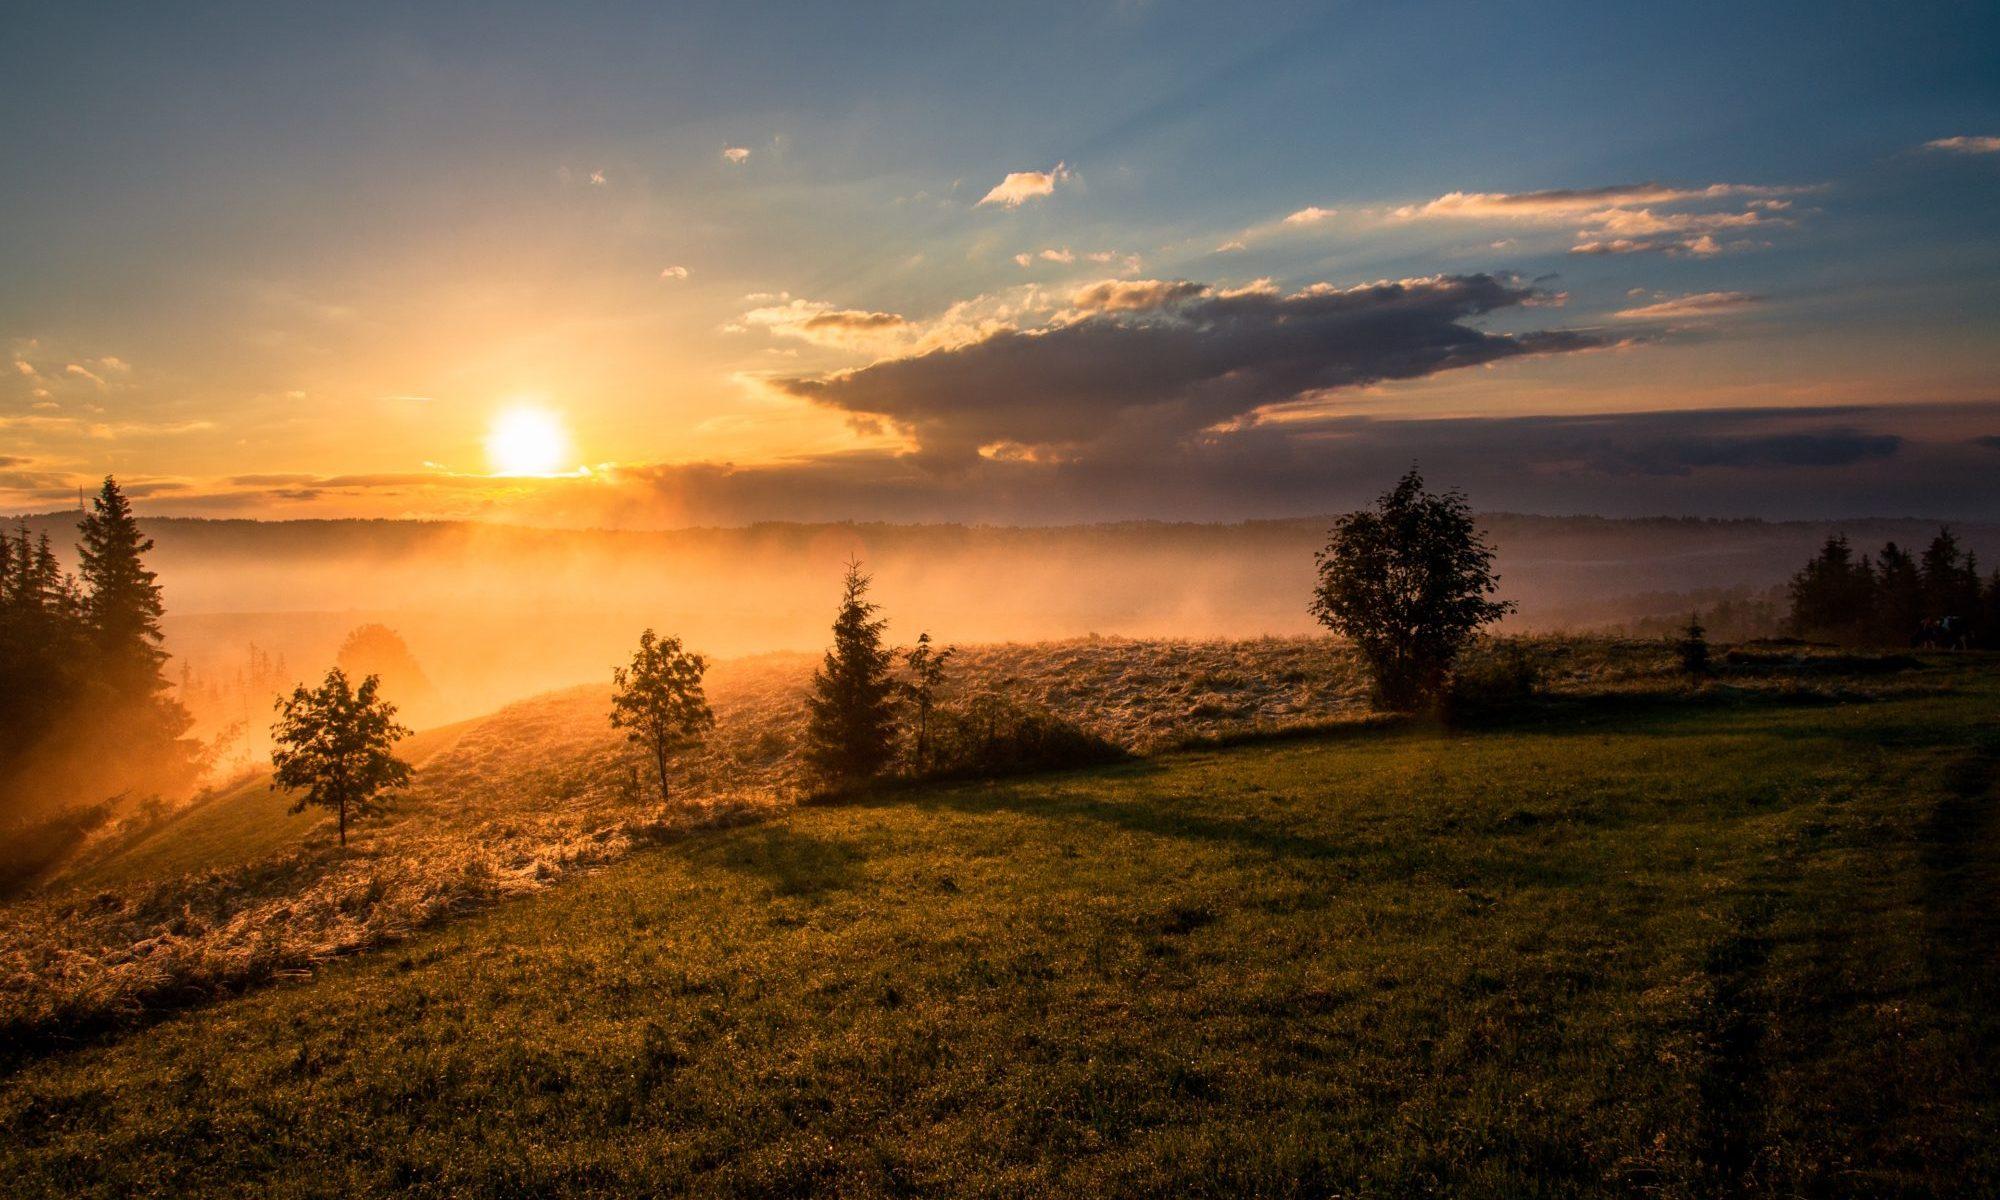 夕暮れ太陽